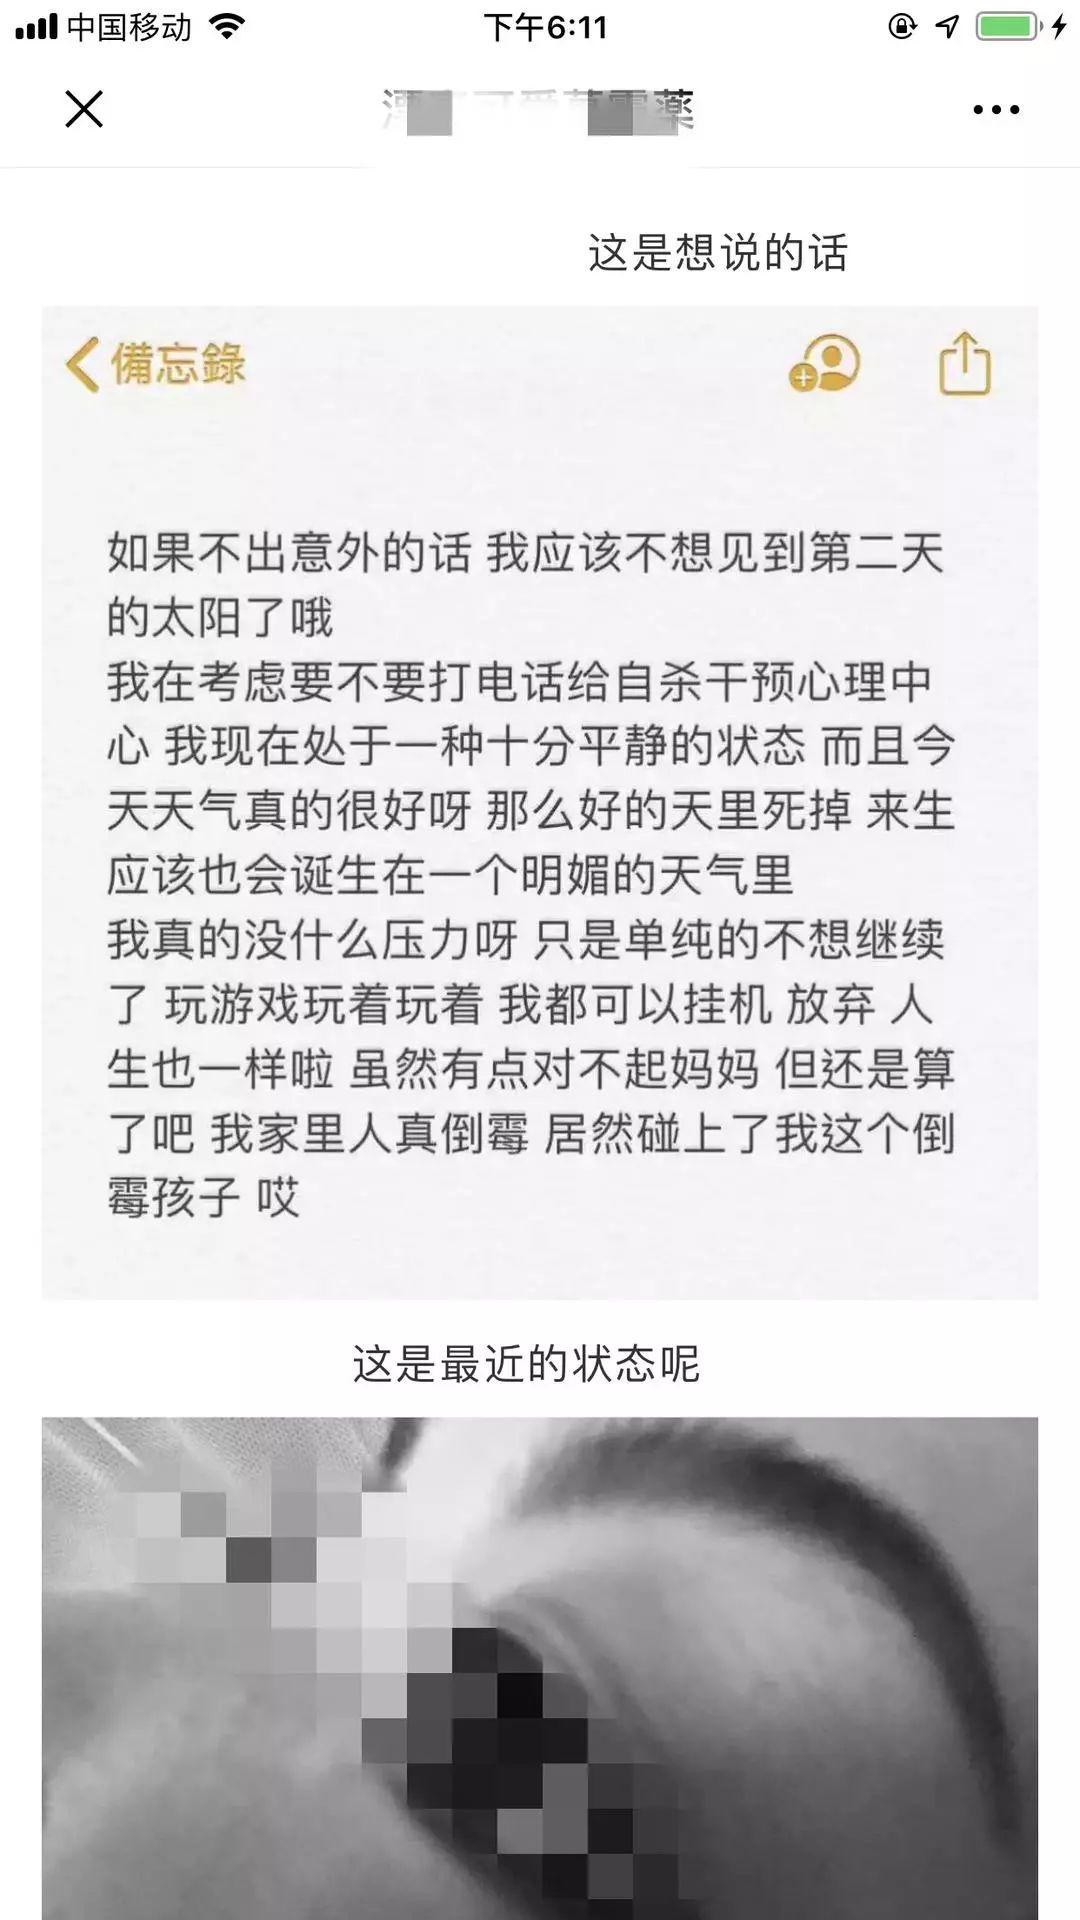 球皇娱乐场送彩金 - 日系神车后代长啥样?颜值出众跑味十足,网友:亲生的